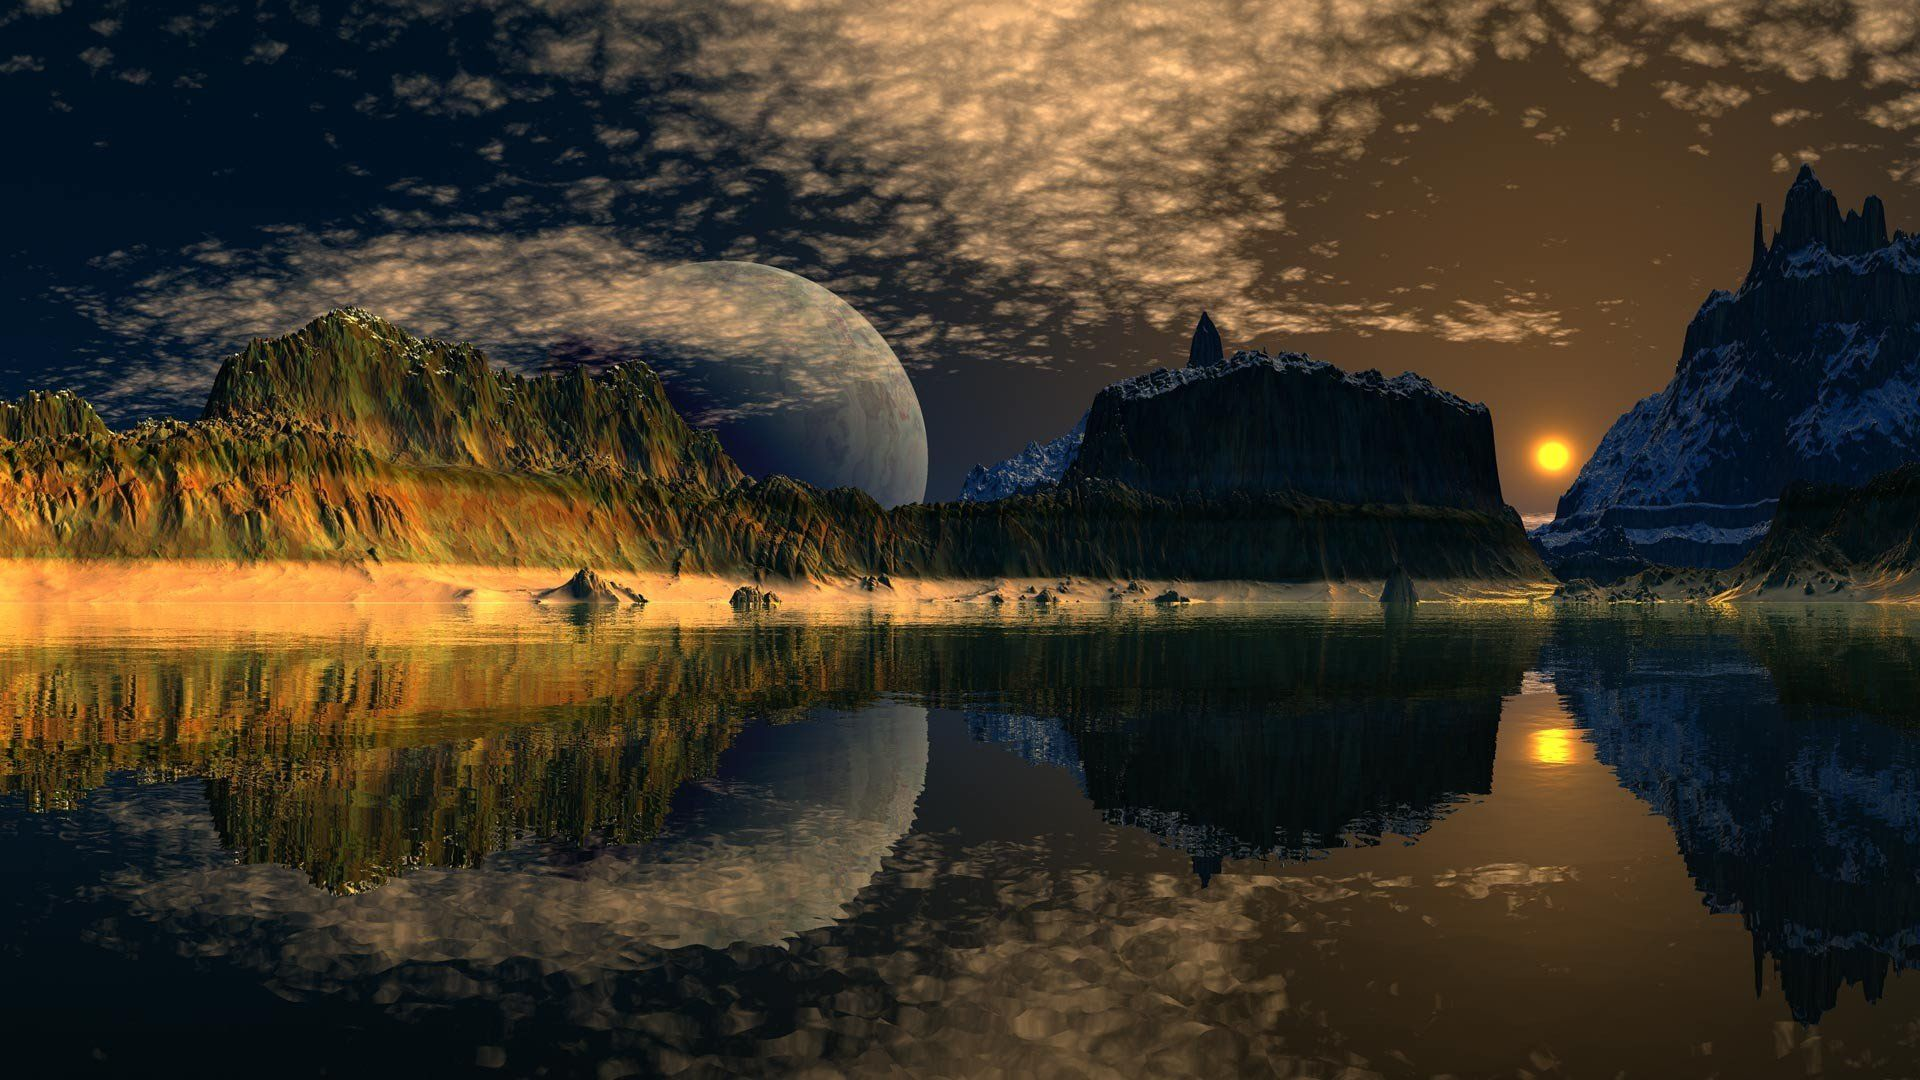 computer-background-cool-desktop-landscape-lake-desktops-moon